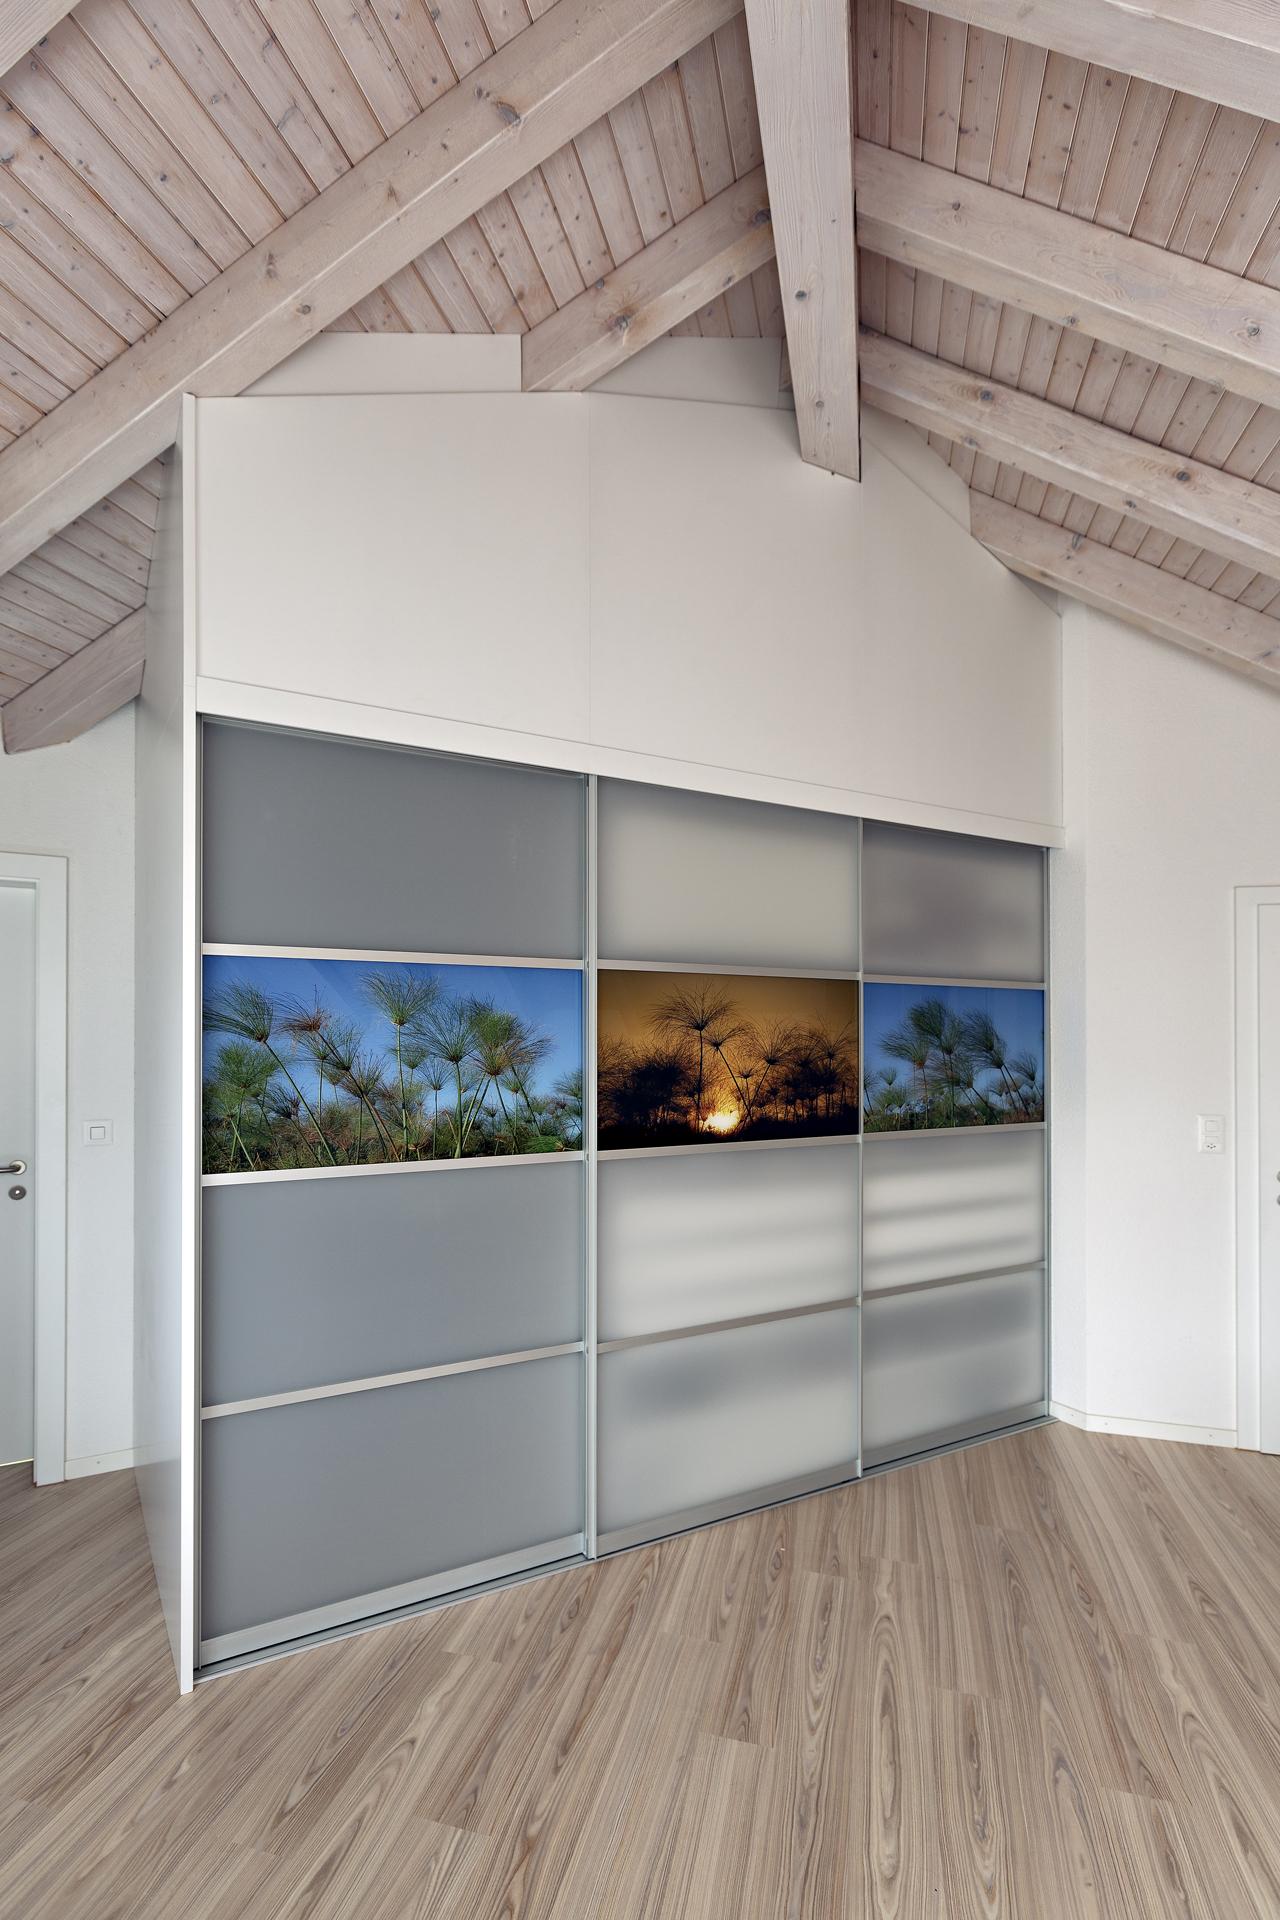 schrank in der dachschr ge nach mass dachschr genschrank mit fotomotiv auf den schiebet ren. Black Bedroom Furniture Sets. Home Design Ideas